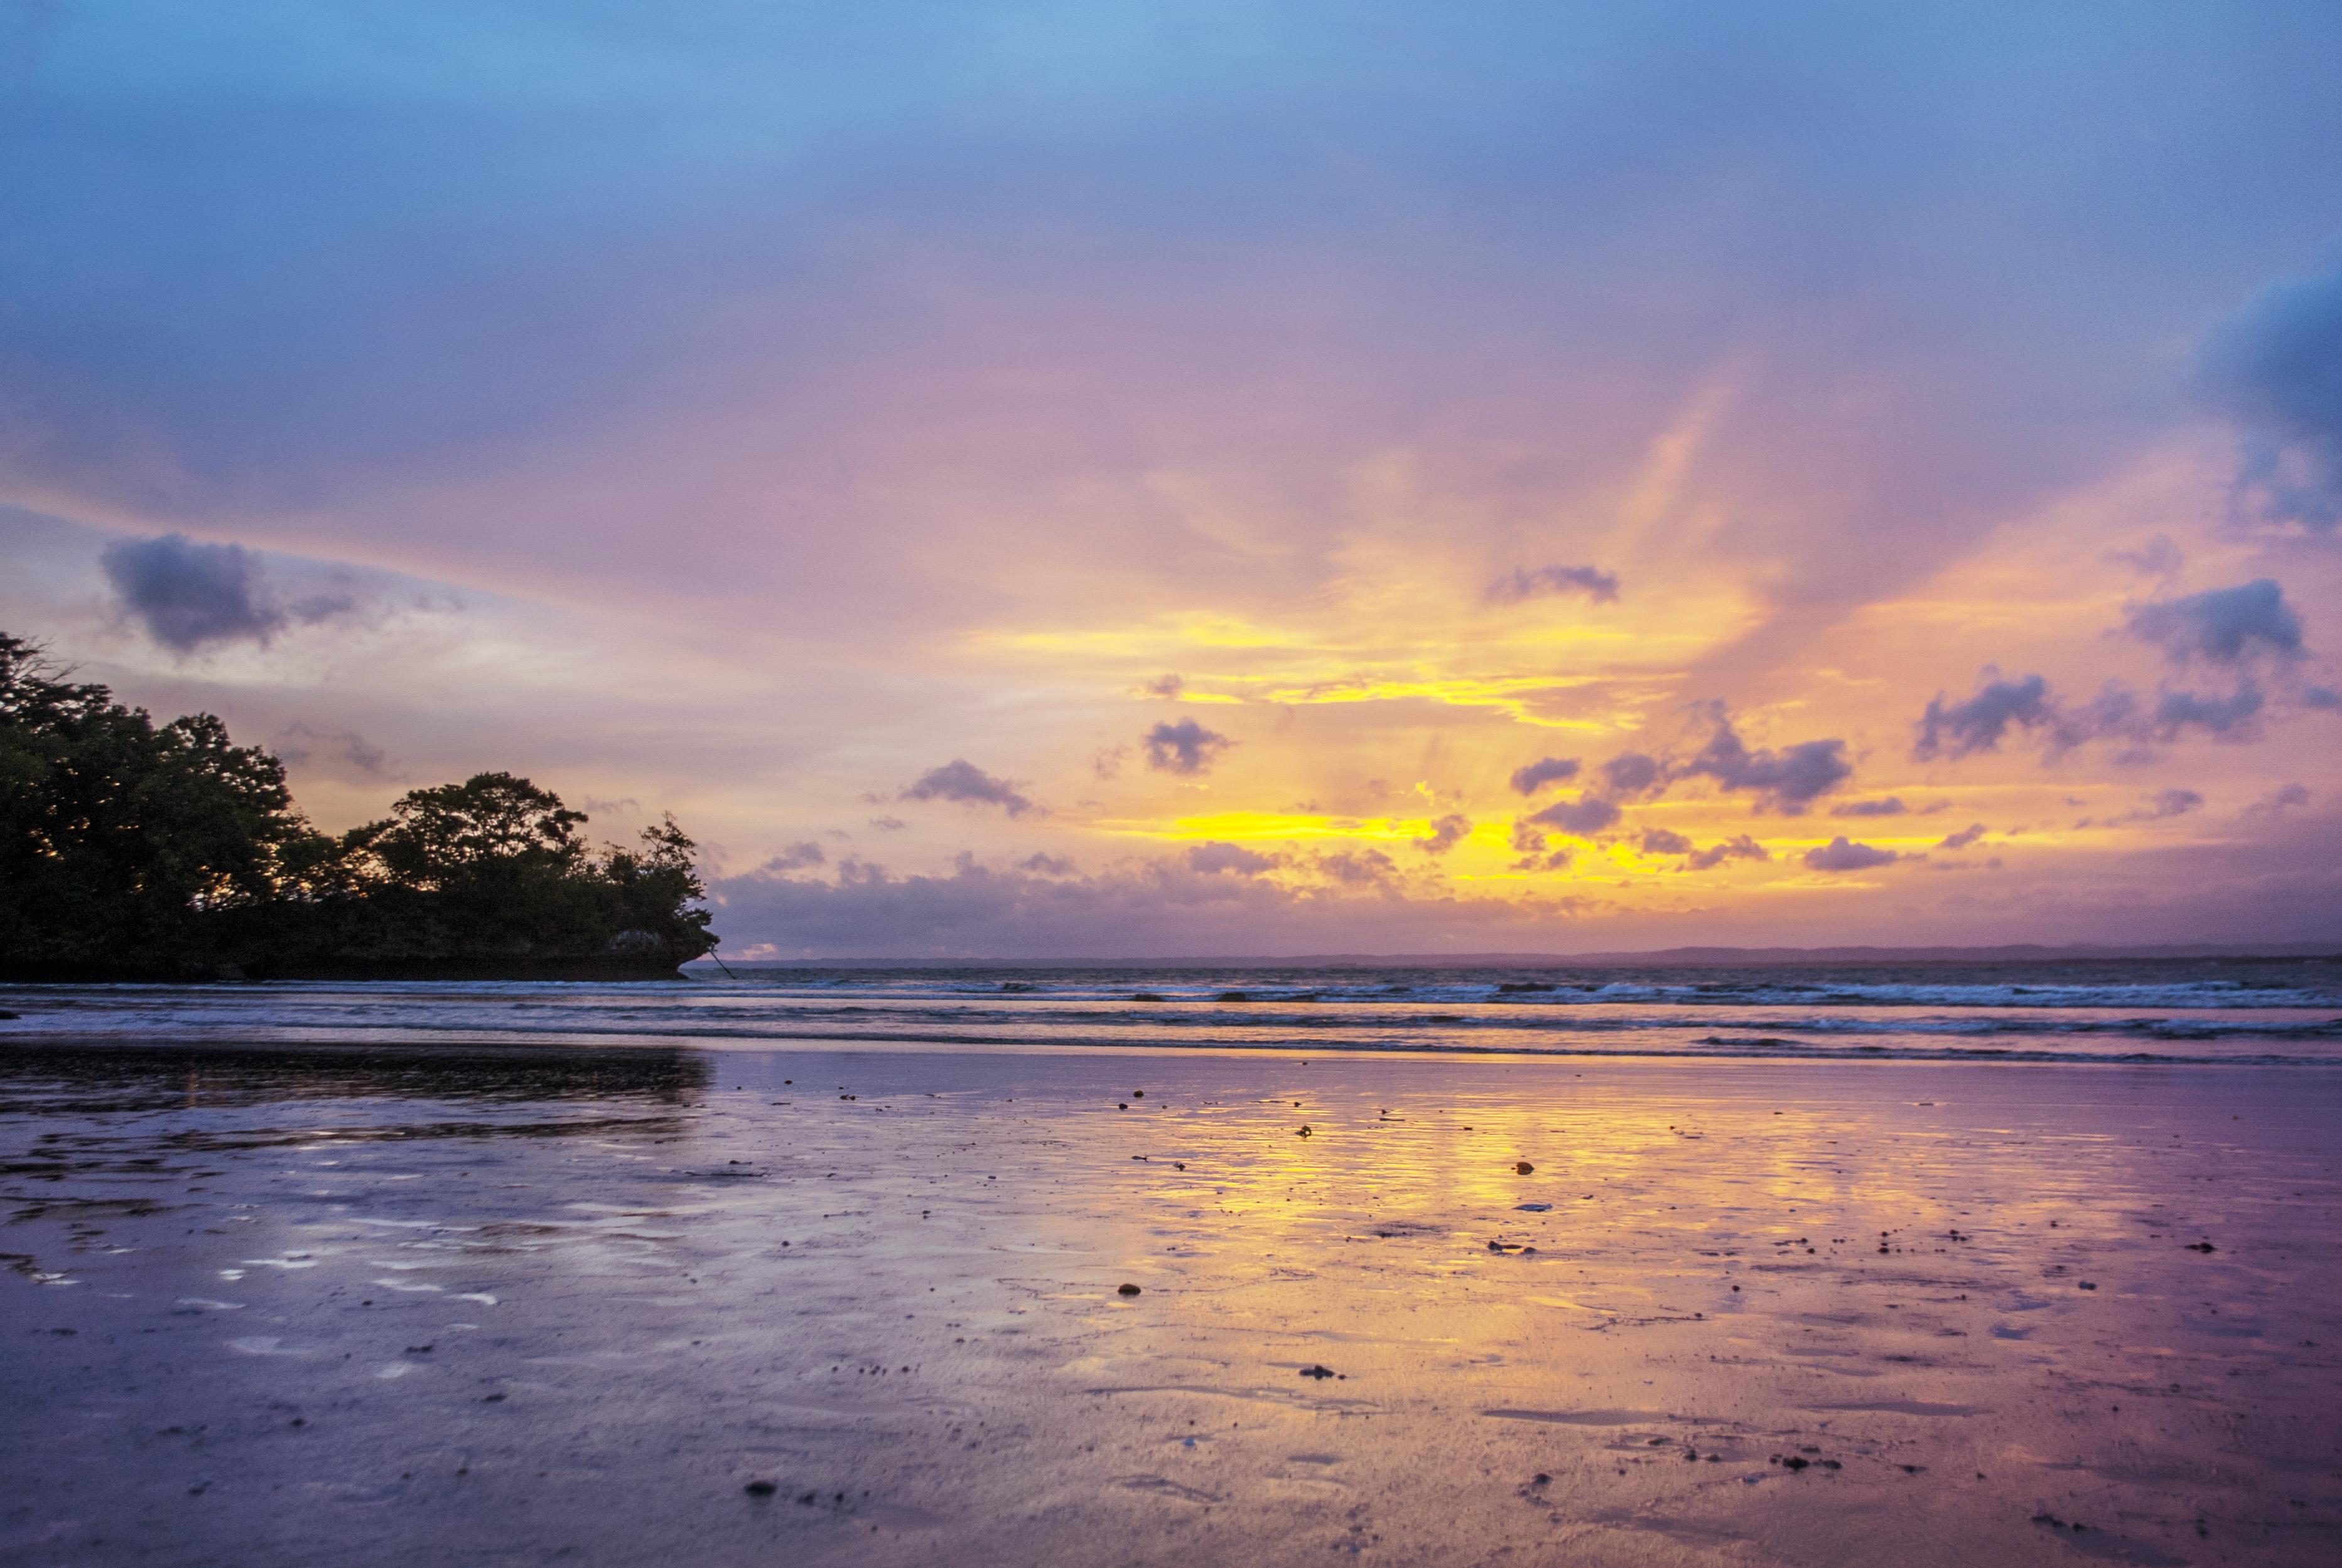 Indonesia Paradise Scenes